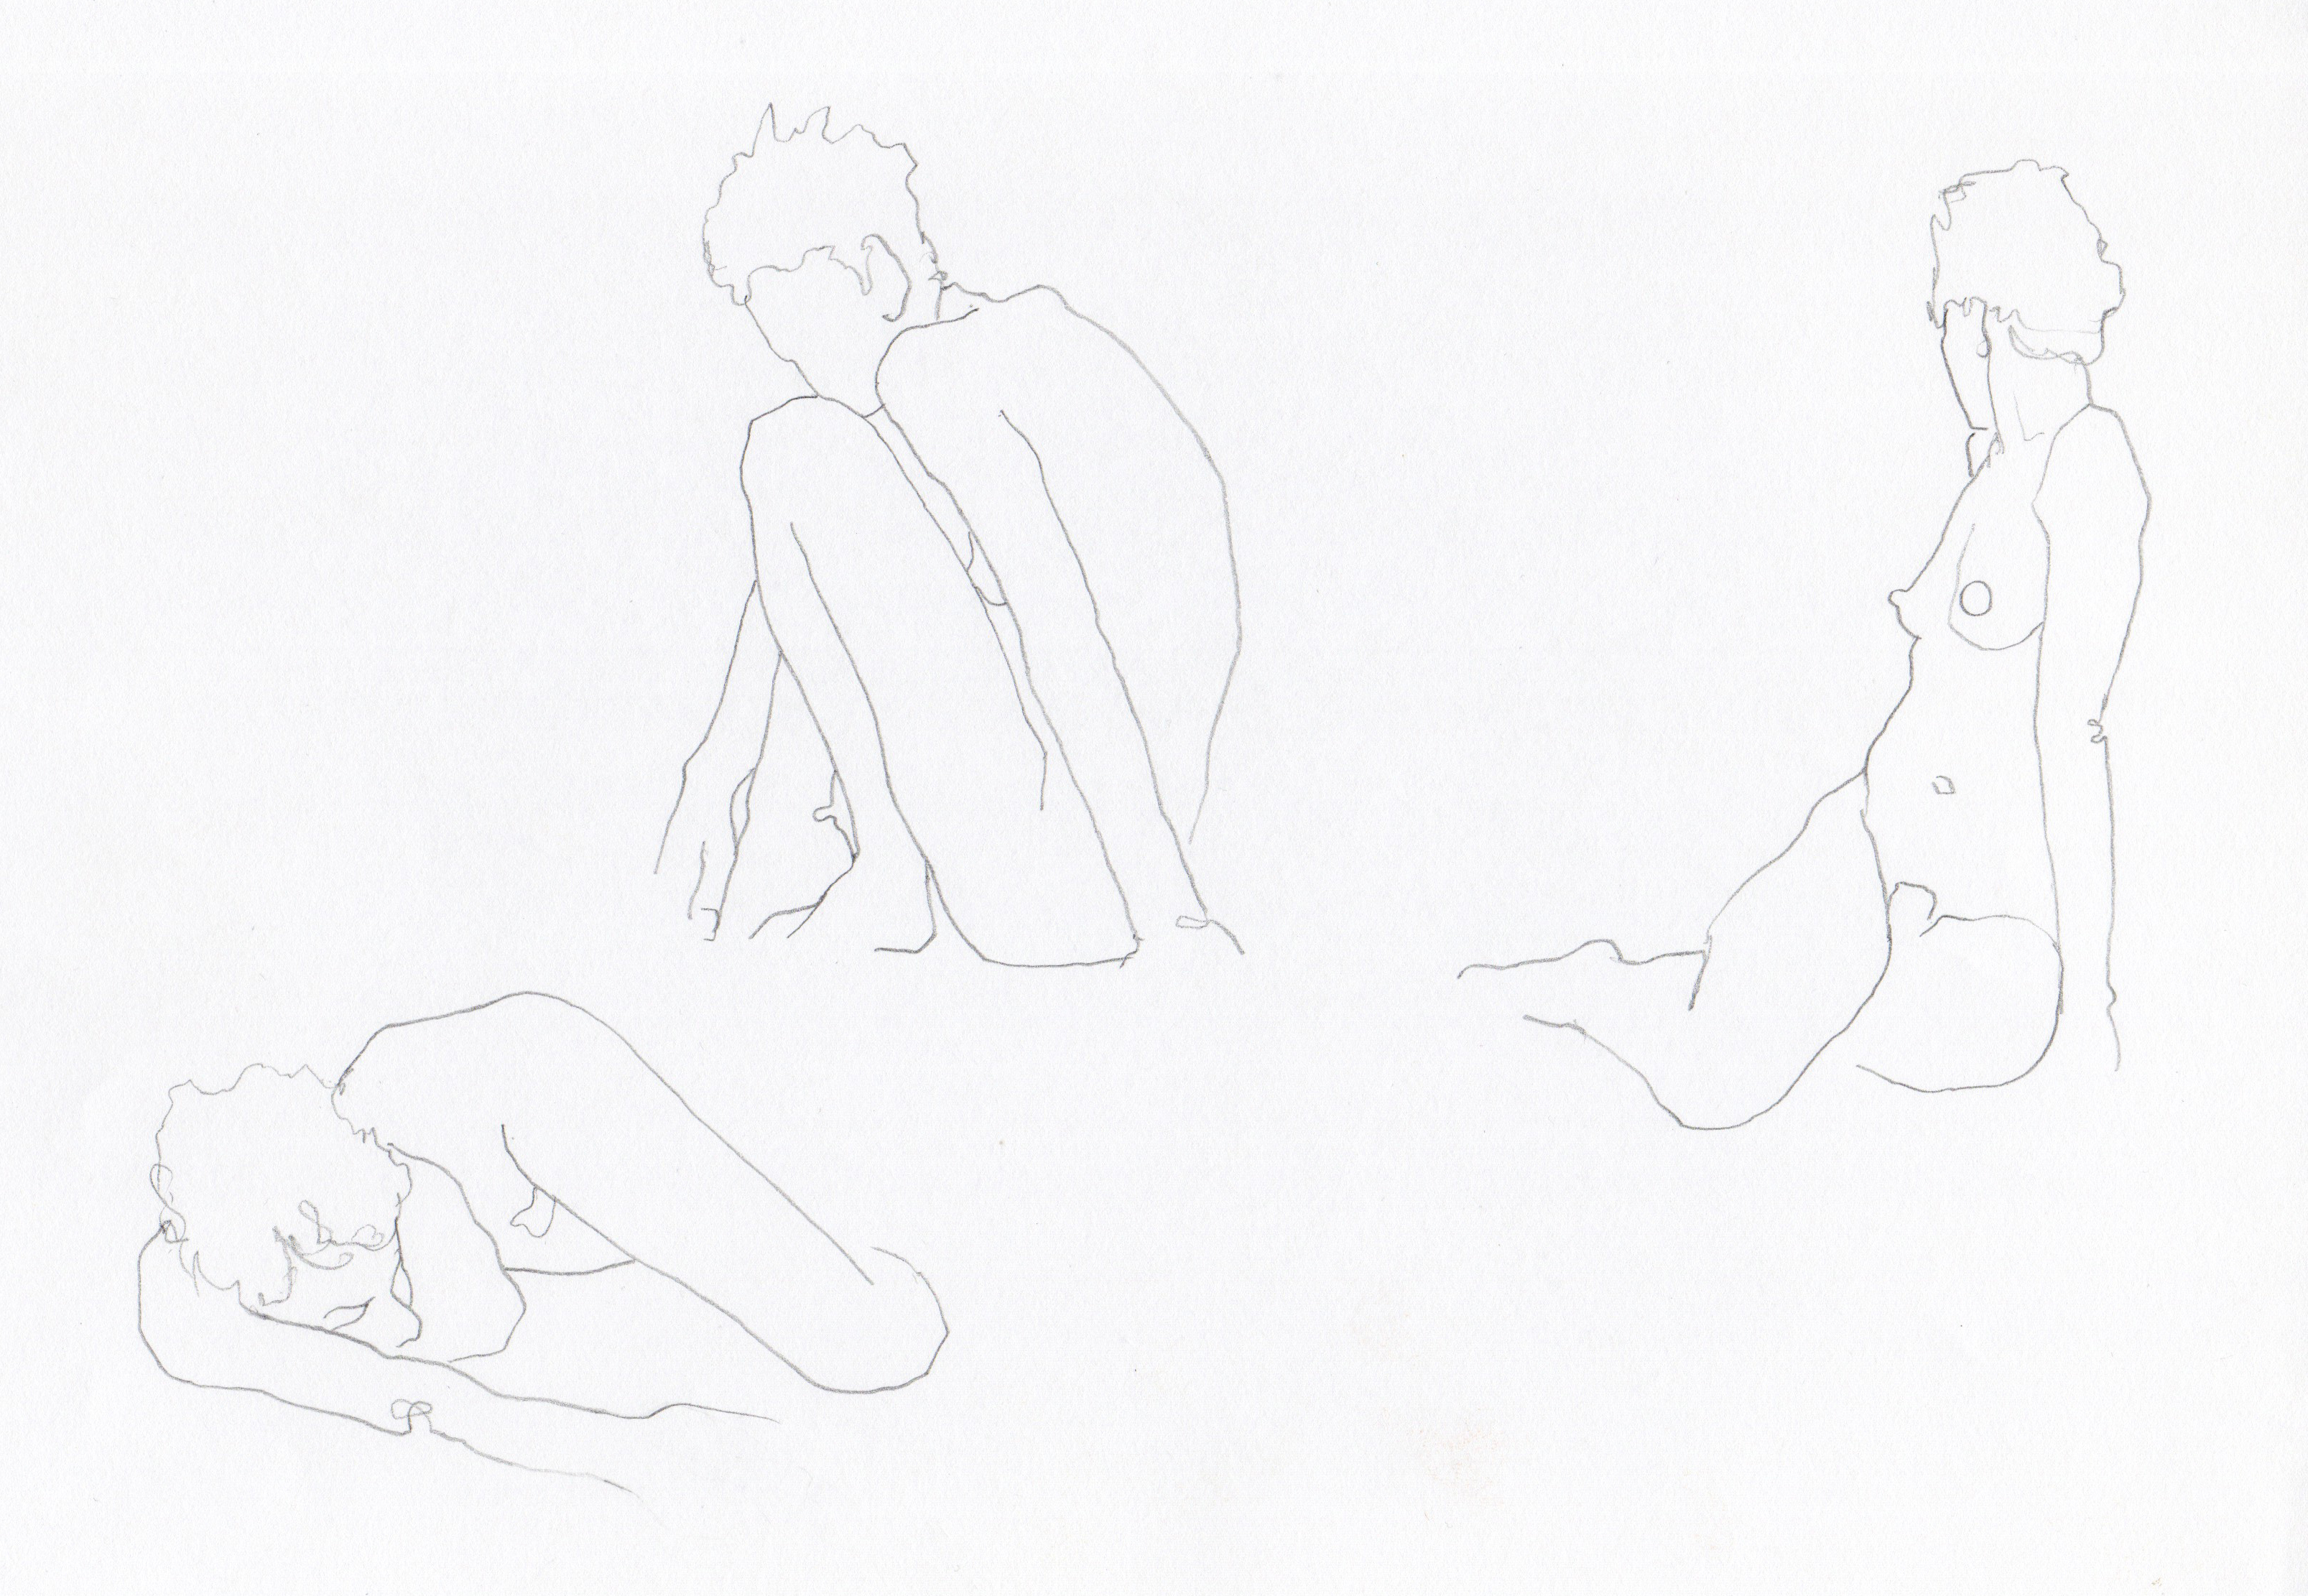 2016_Sketch_F-Beudin_Ludivine-Lacorre_06